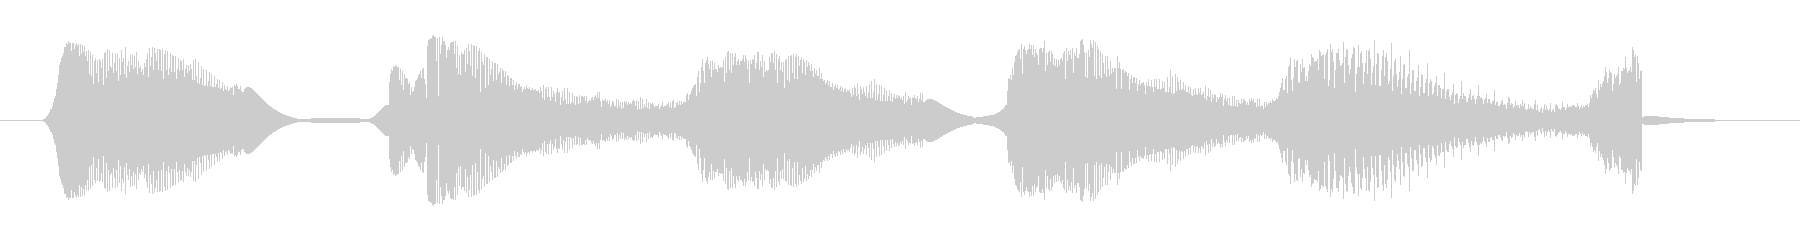 Electrozapperスワイプ2の未再生の波形